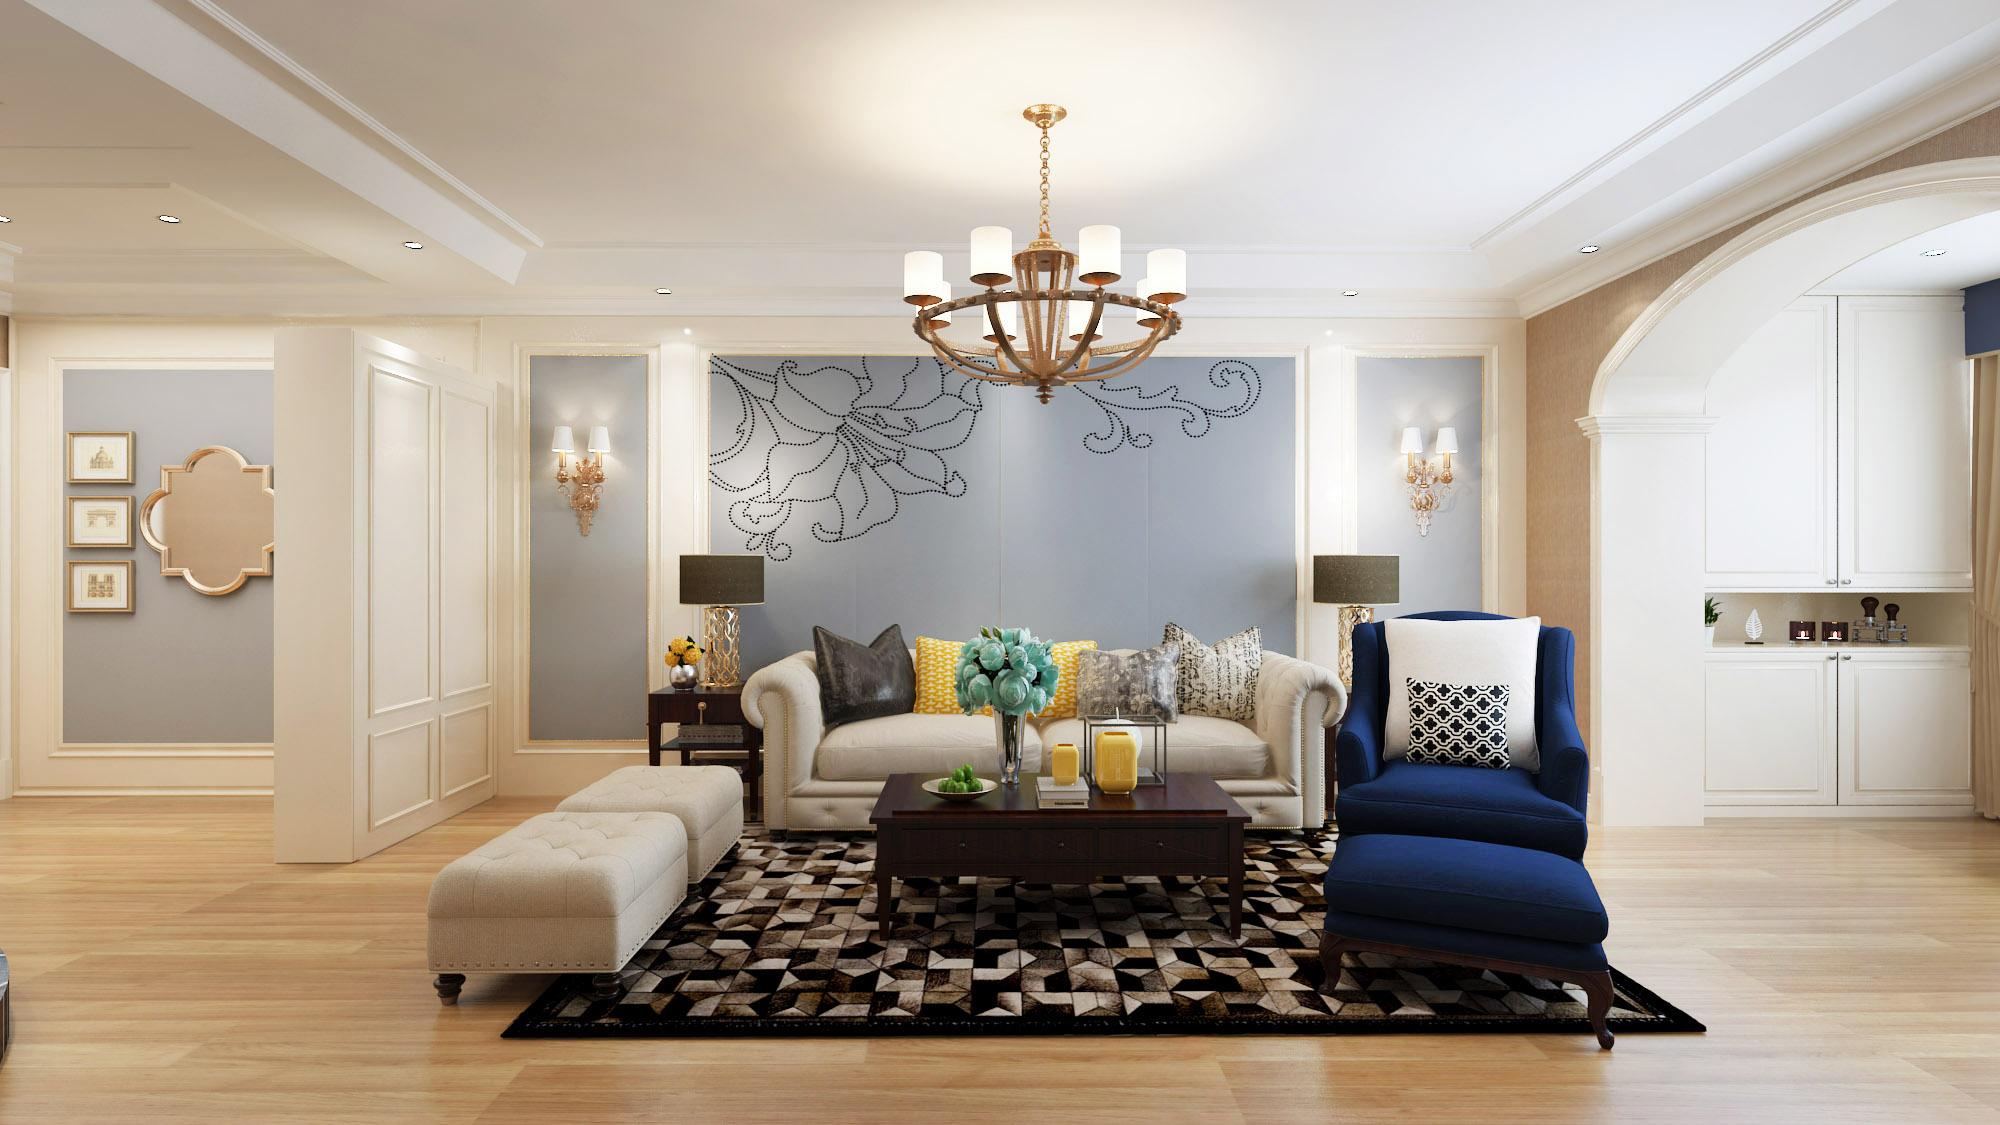 100㎡简欧风格沙发背景墙装修效果图